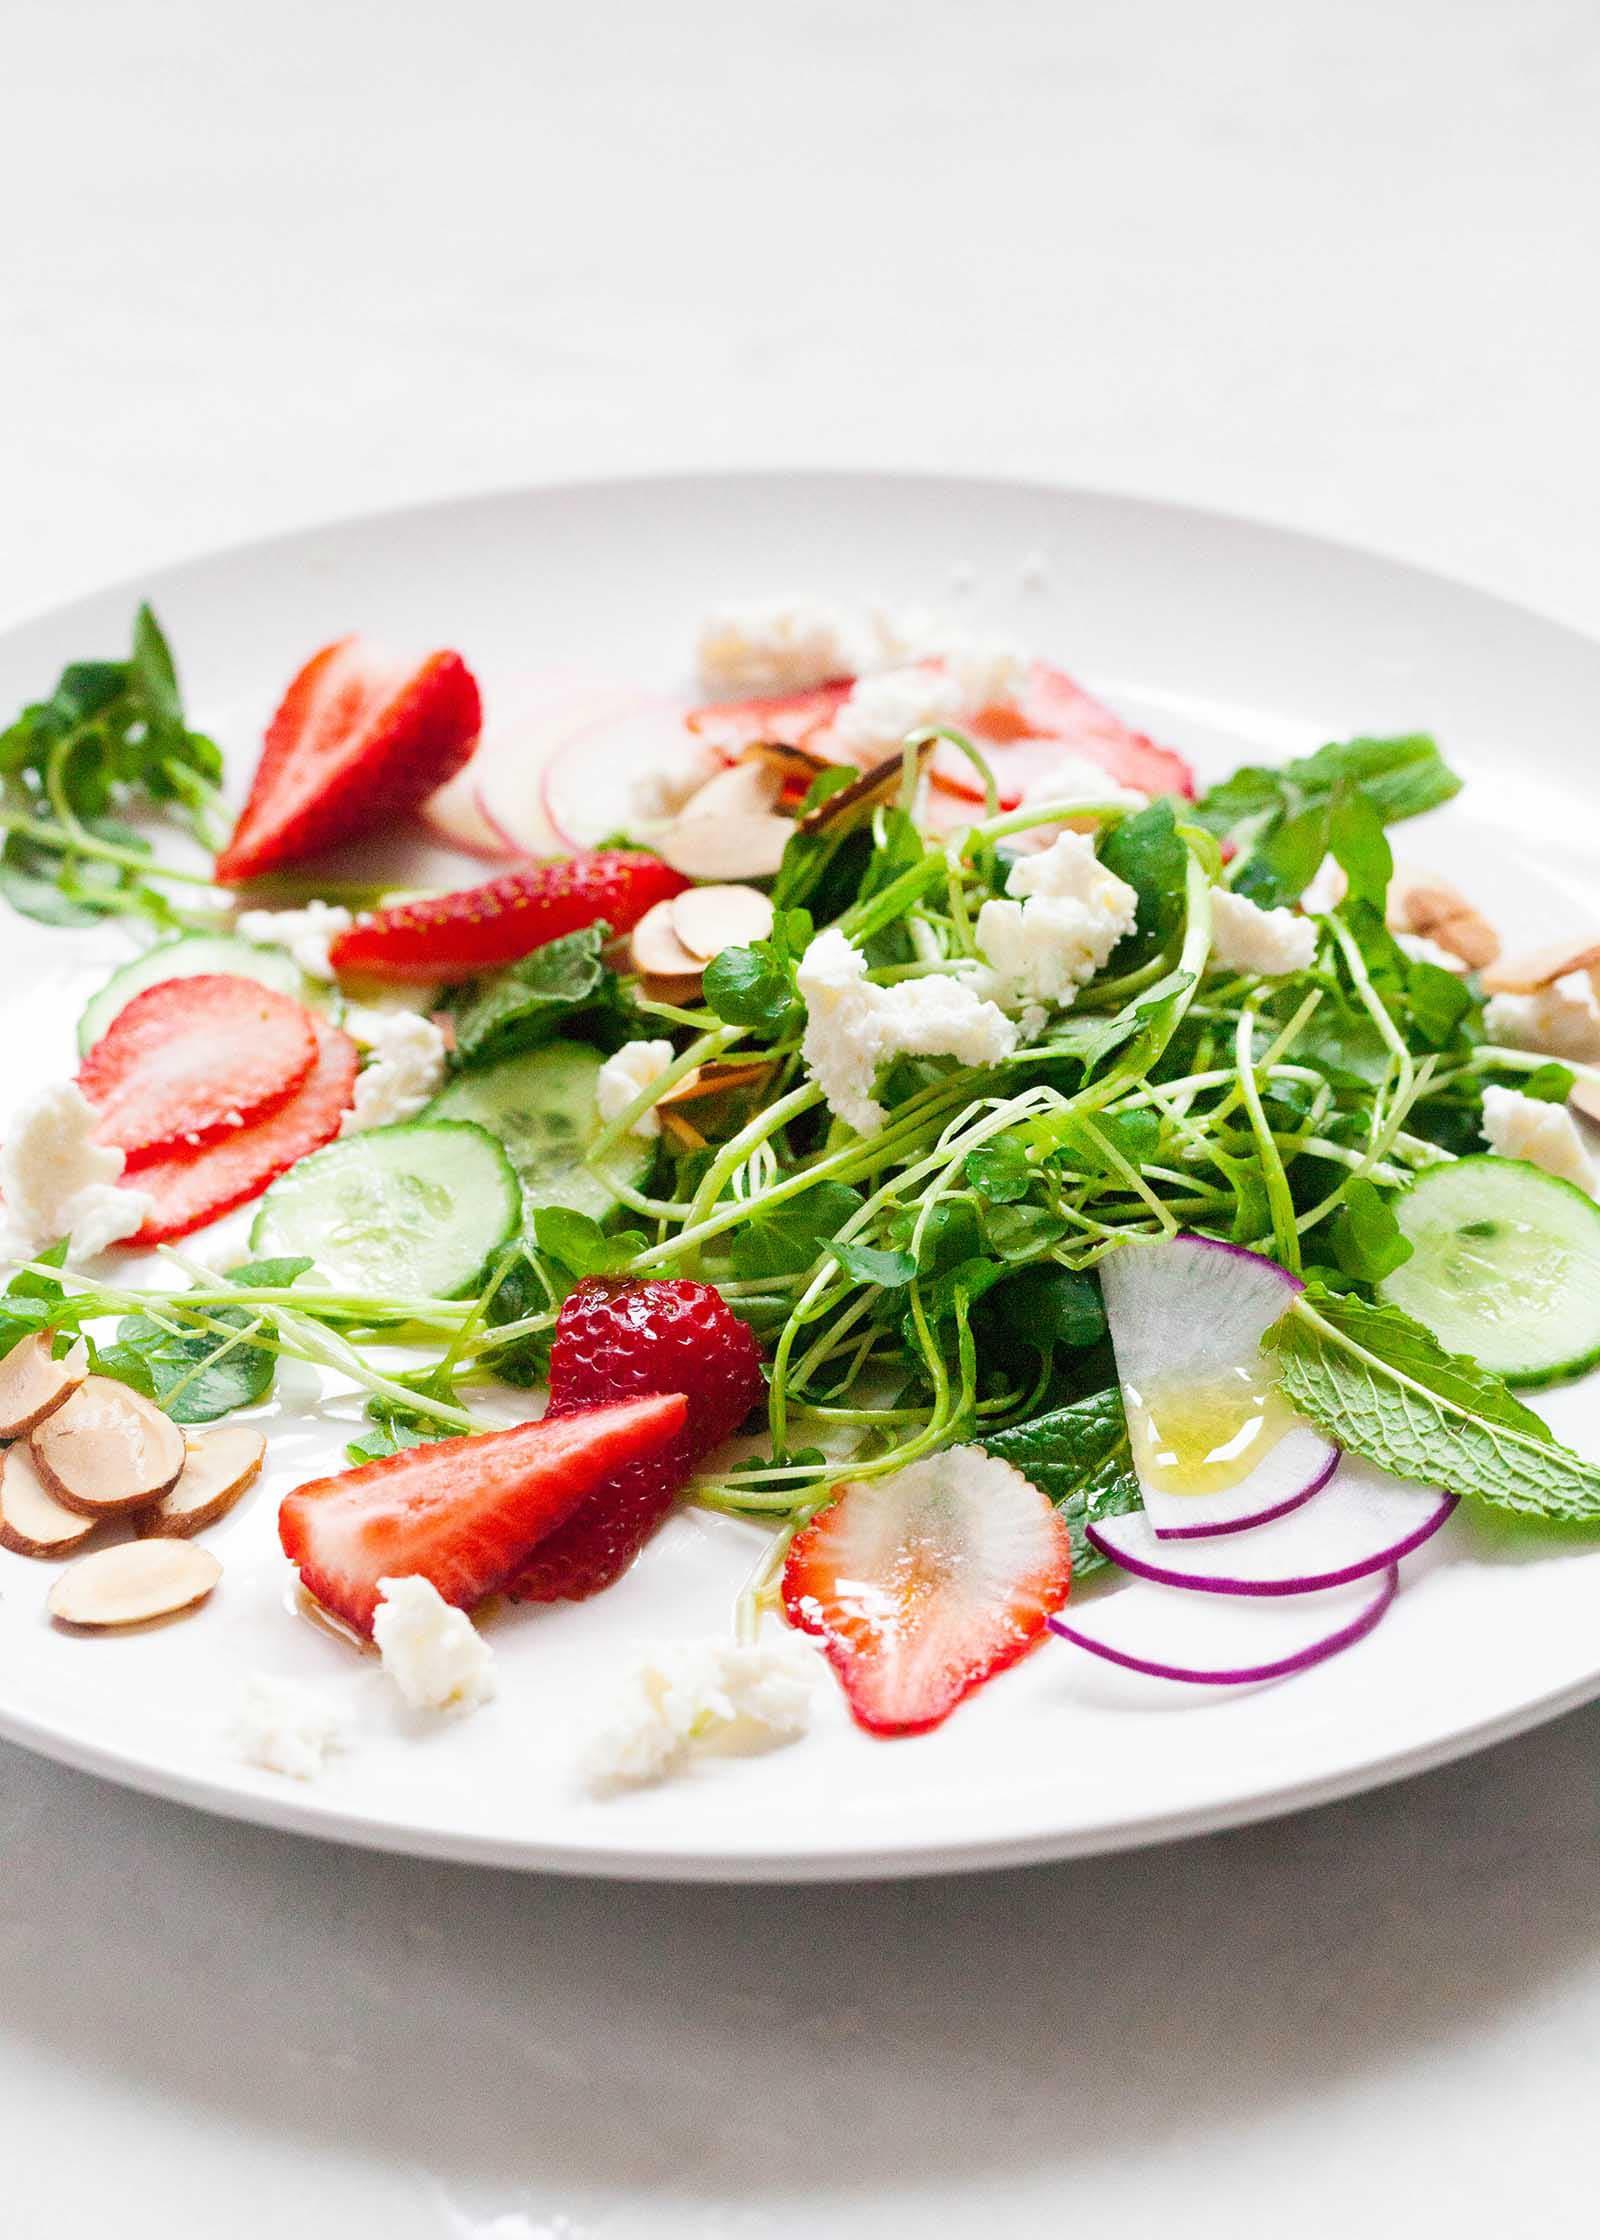 Салат с кресс салатом рецепт с фото